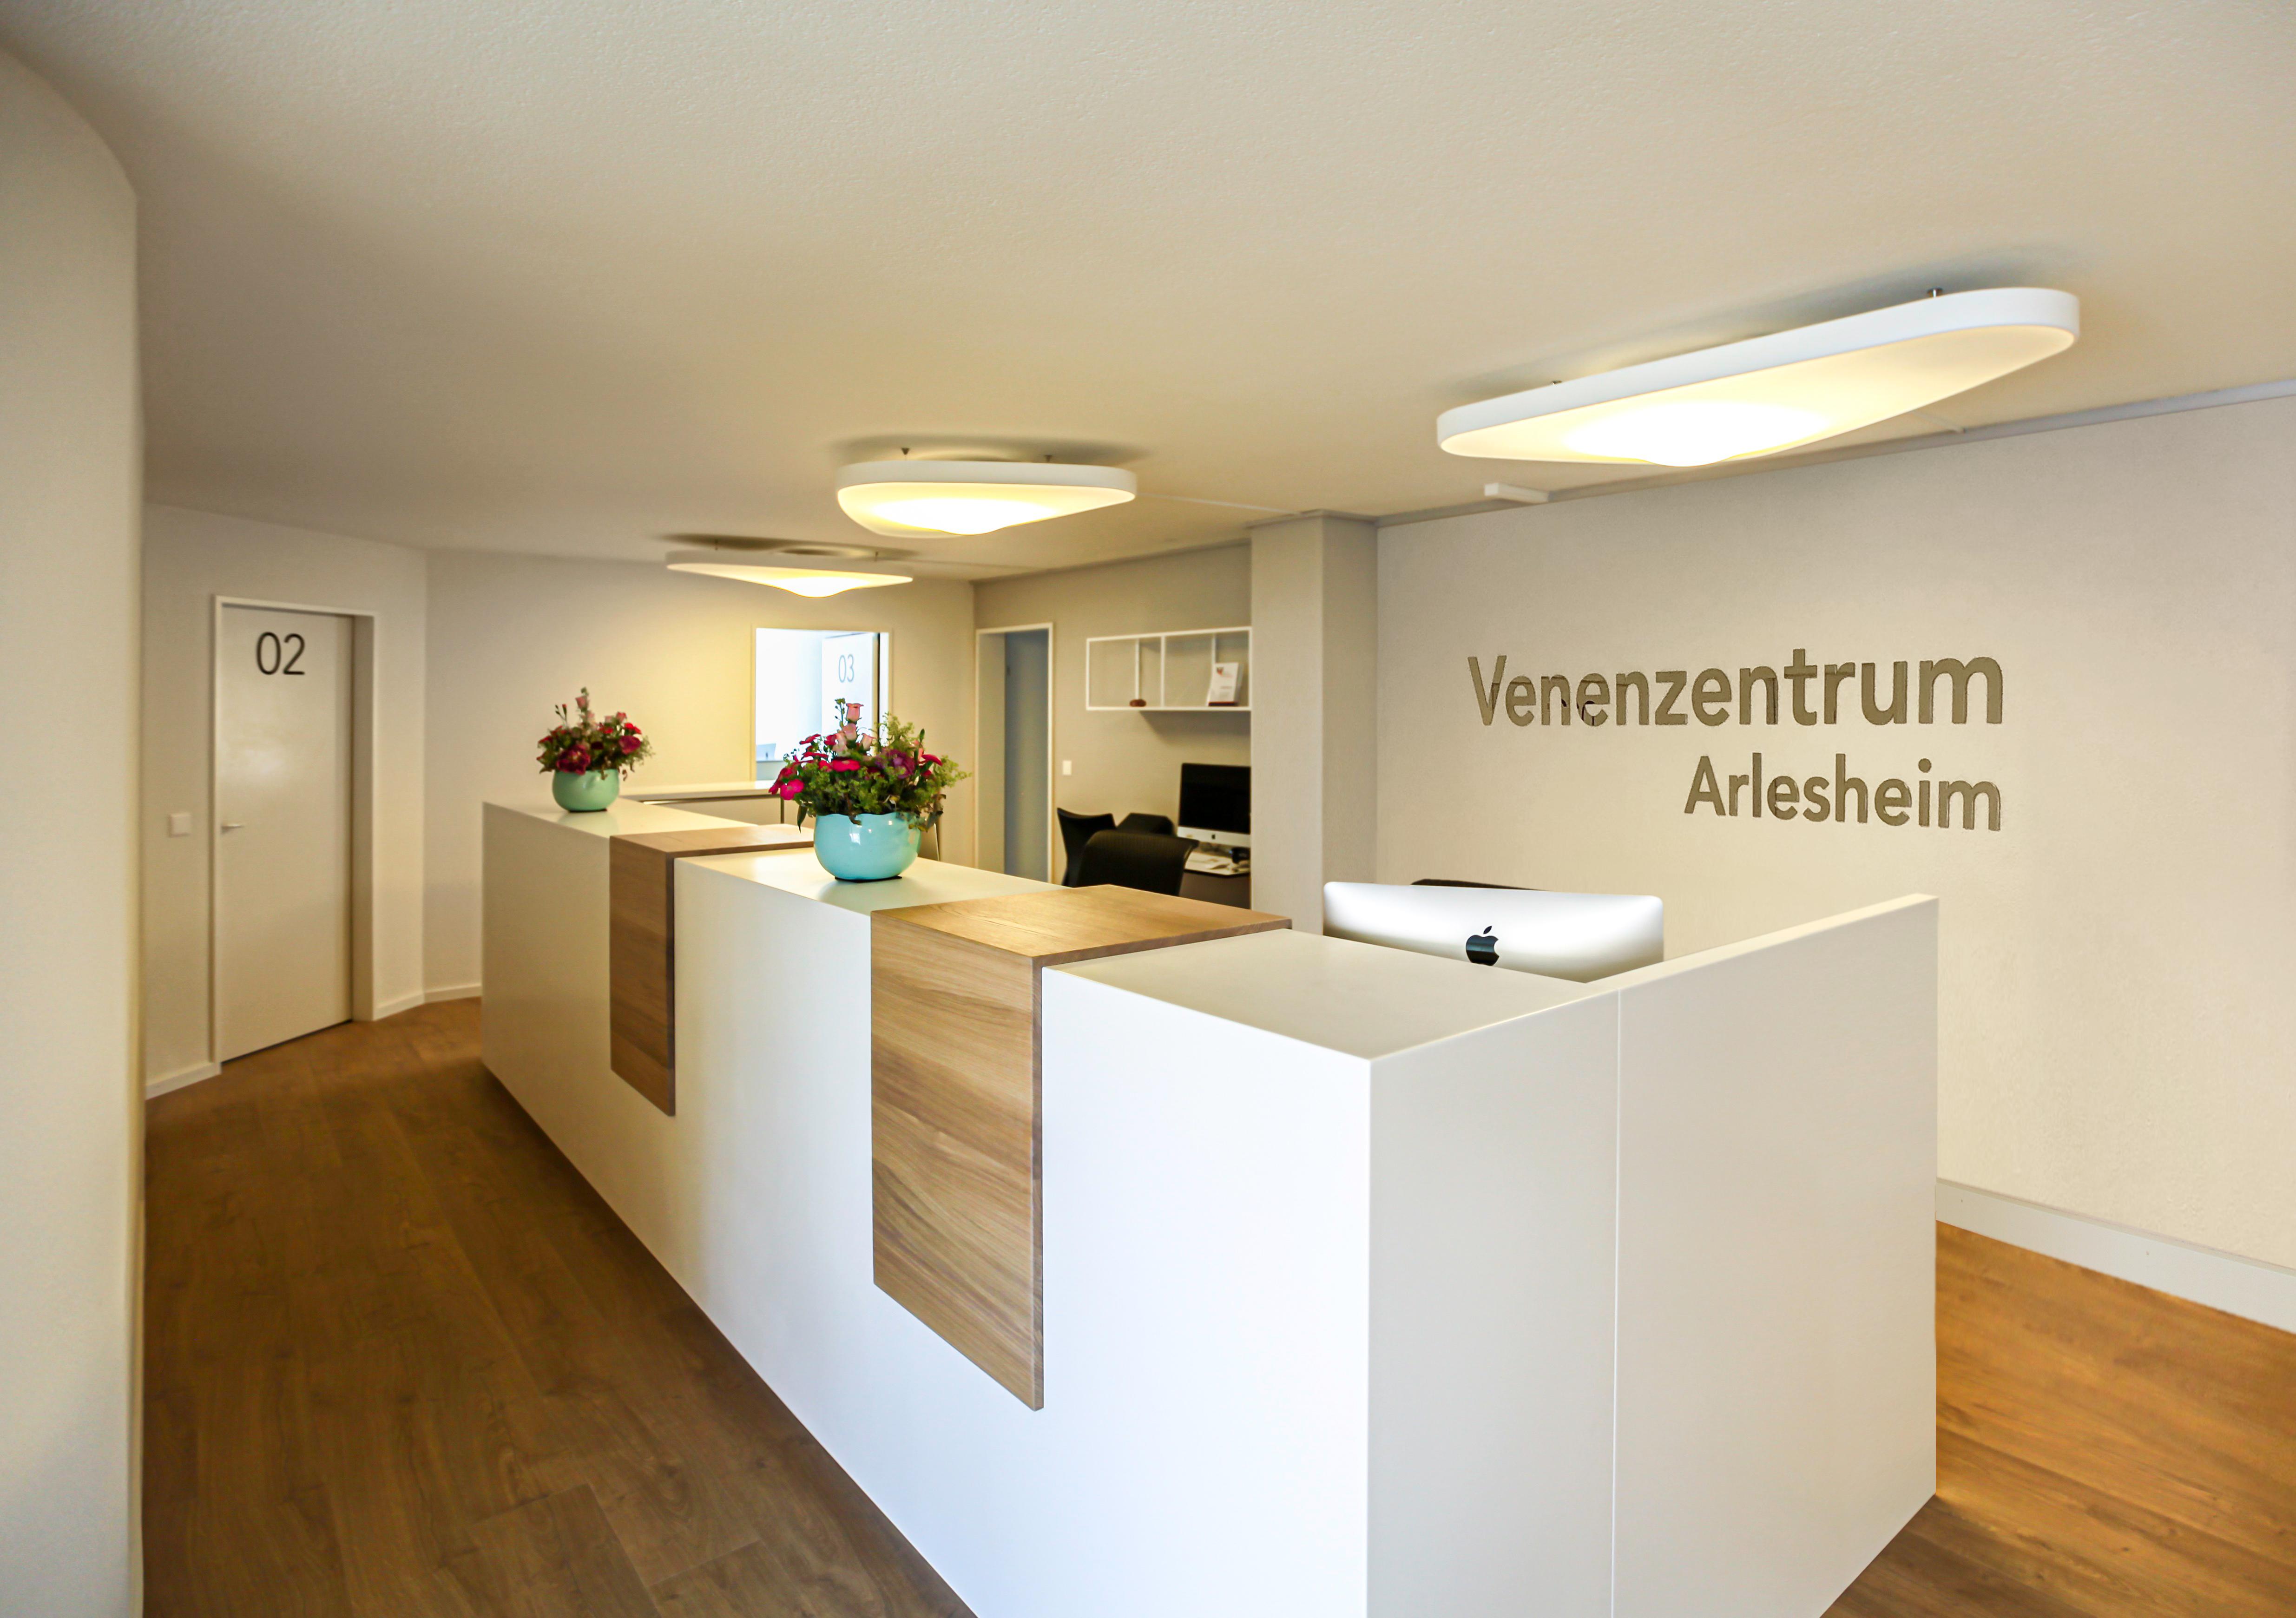 Venenzentrum Arlesheim